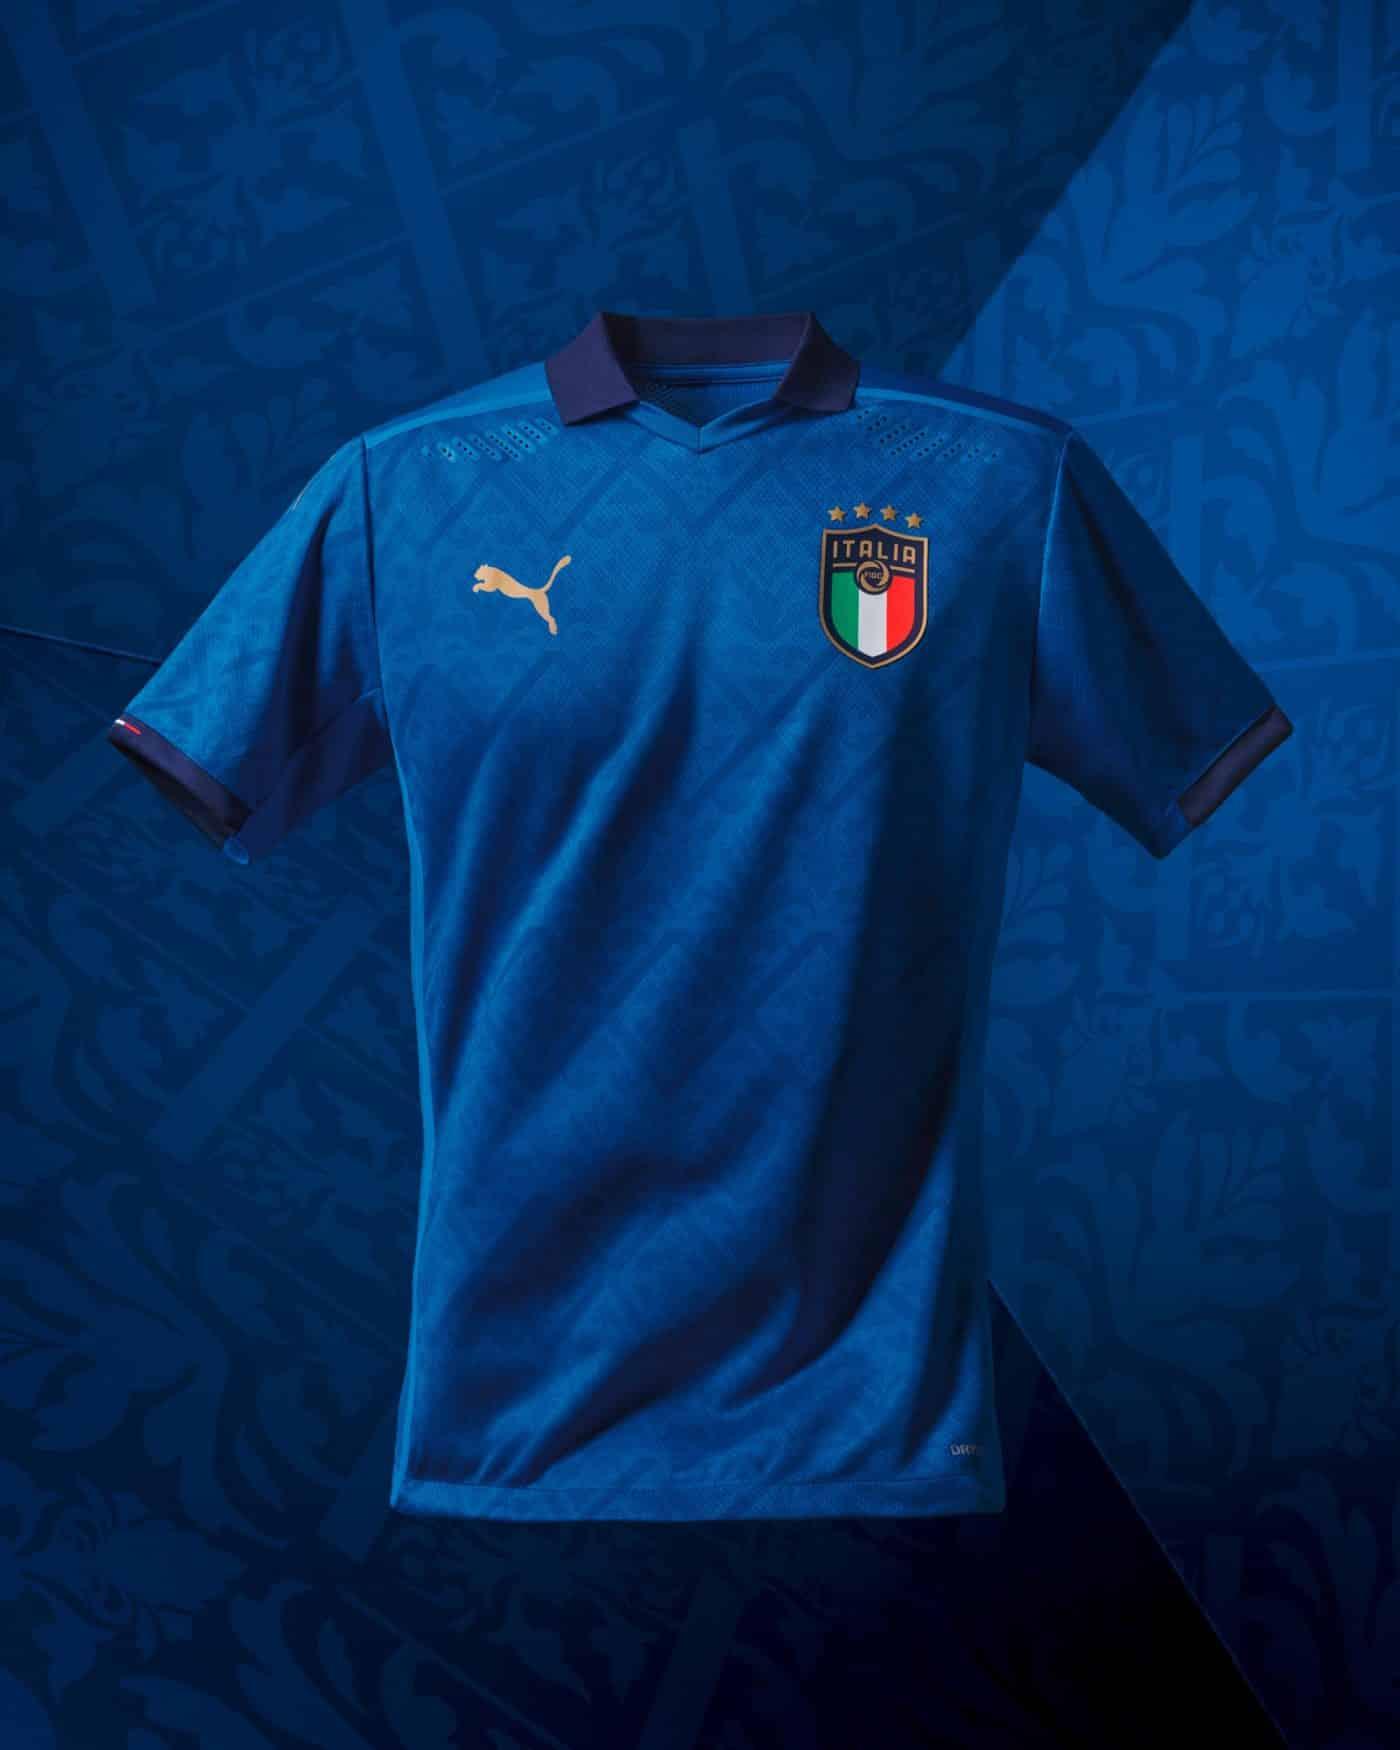 maillot-italie-domicile-euro-2020-2022-puma-5